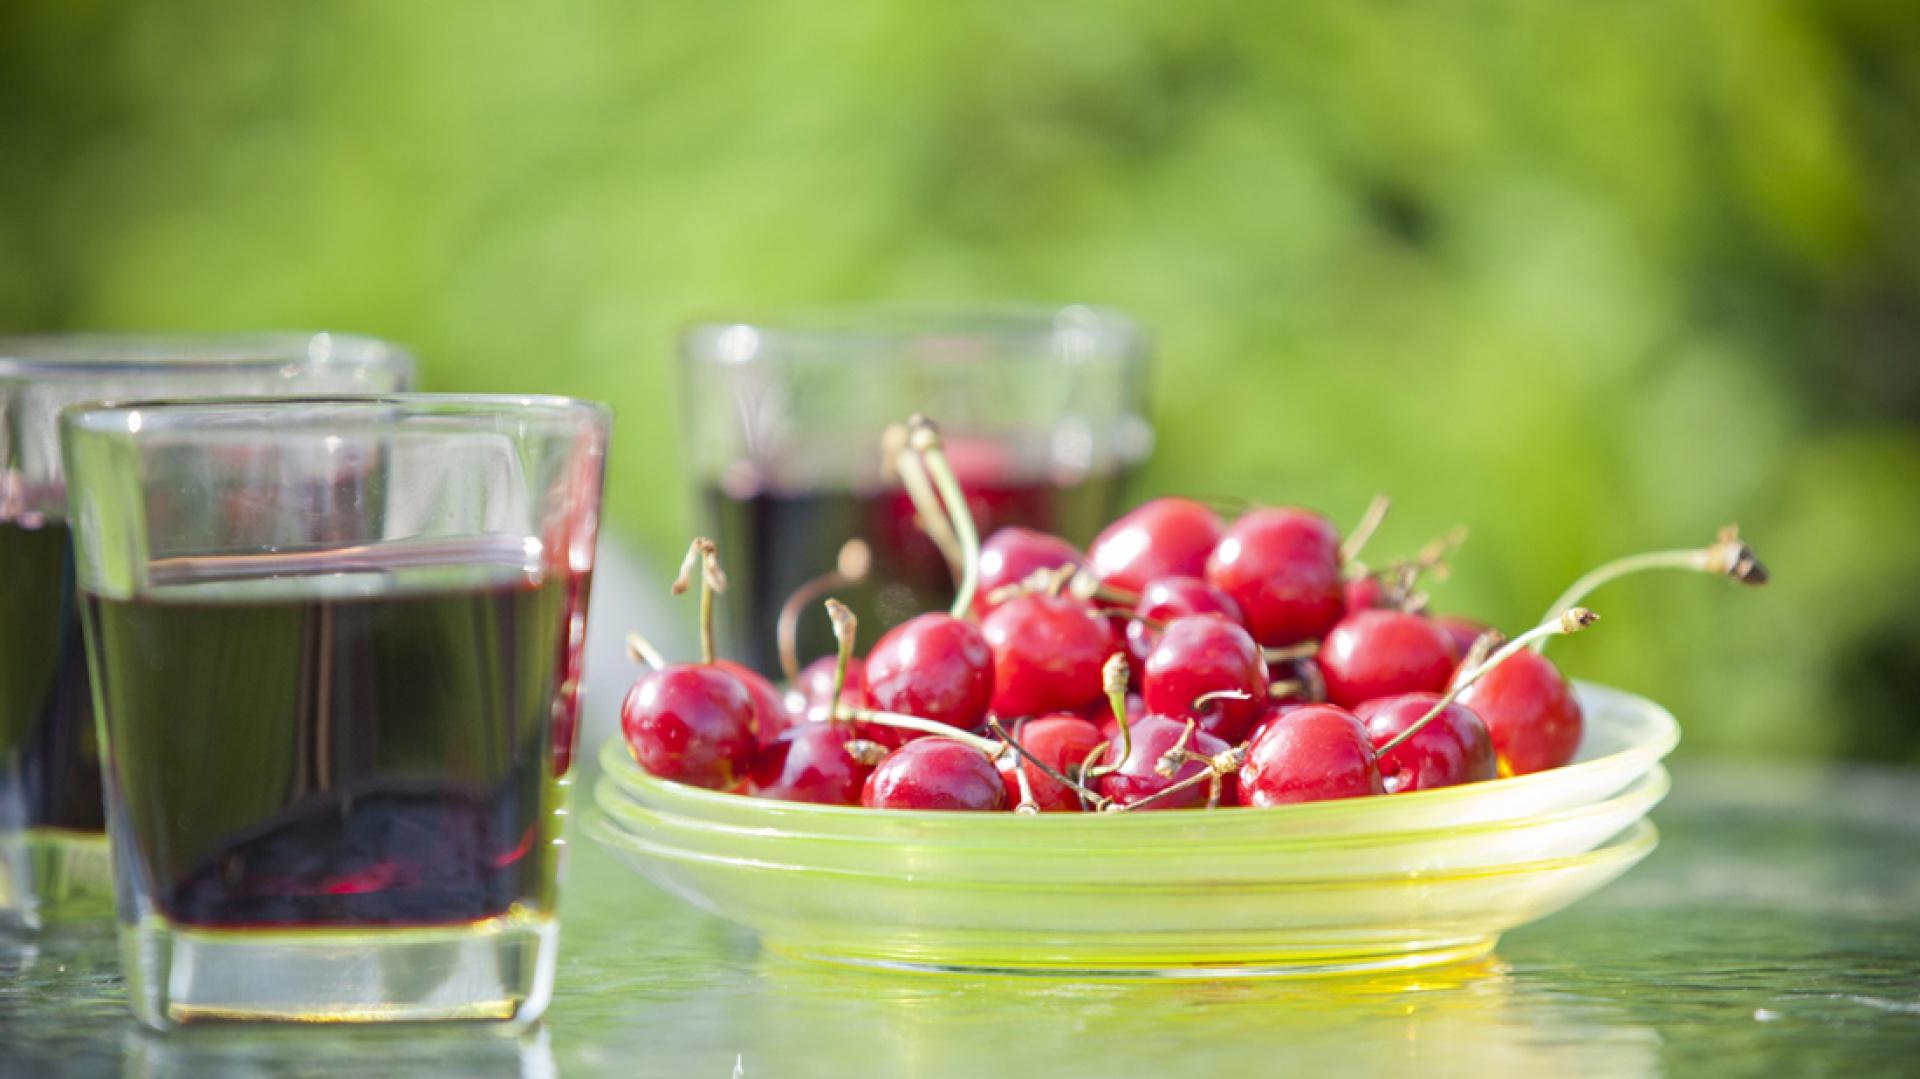 Galicja, szklanka 250ml Colors. Cena brutto: 4,46 zł, fot. Galicja